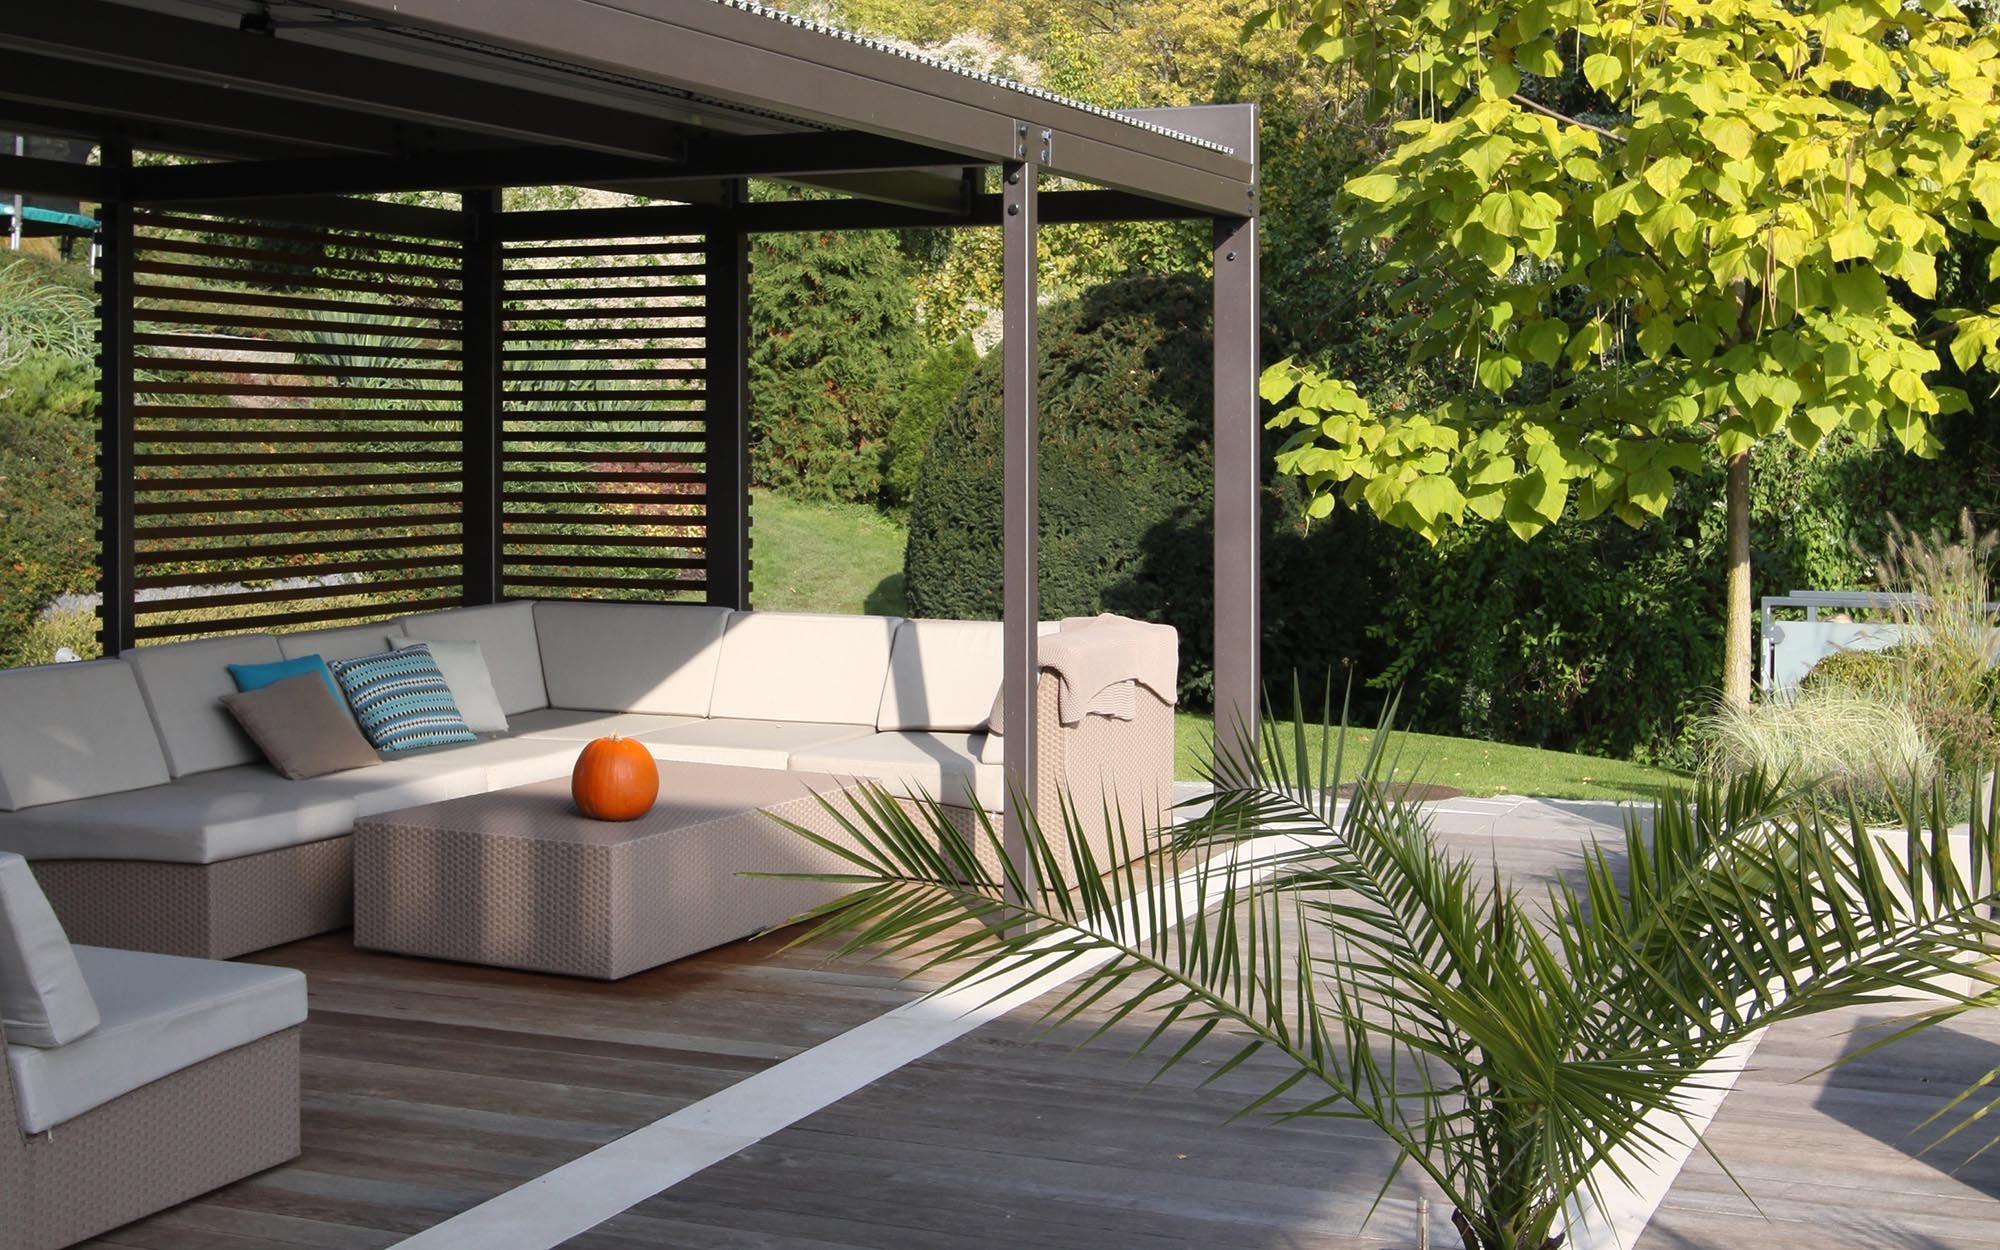 kryt modern pergola na terase modern covered pergola. Black Bedroom Furniture Sets. Home Design Ideas